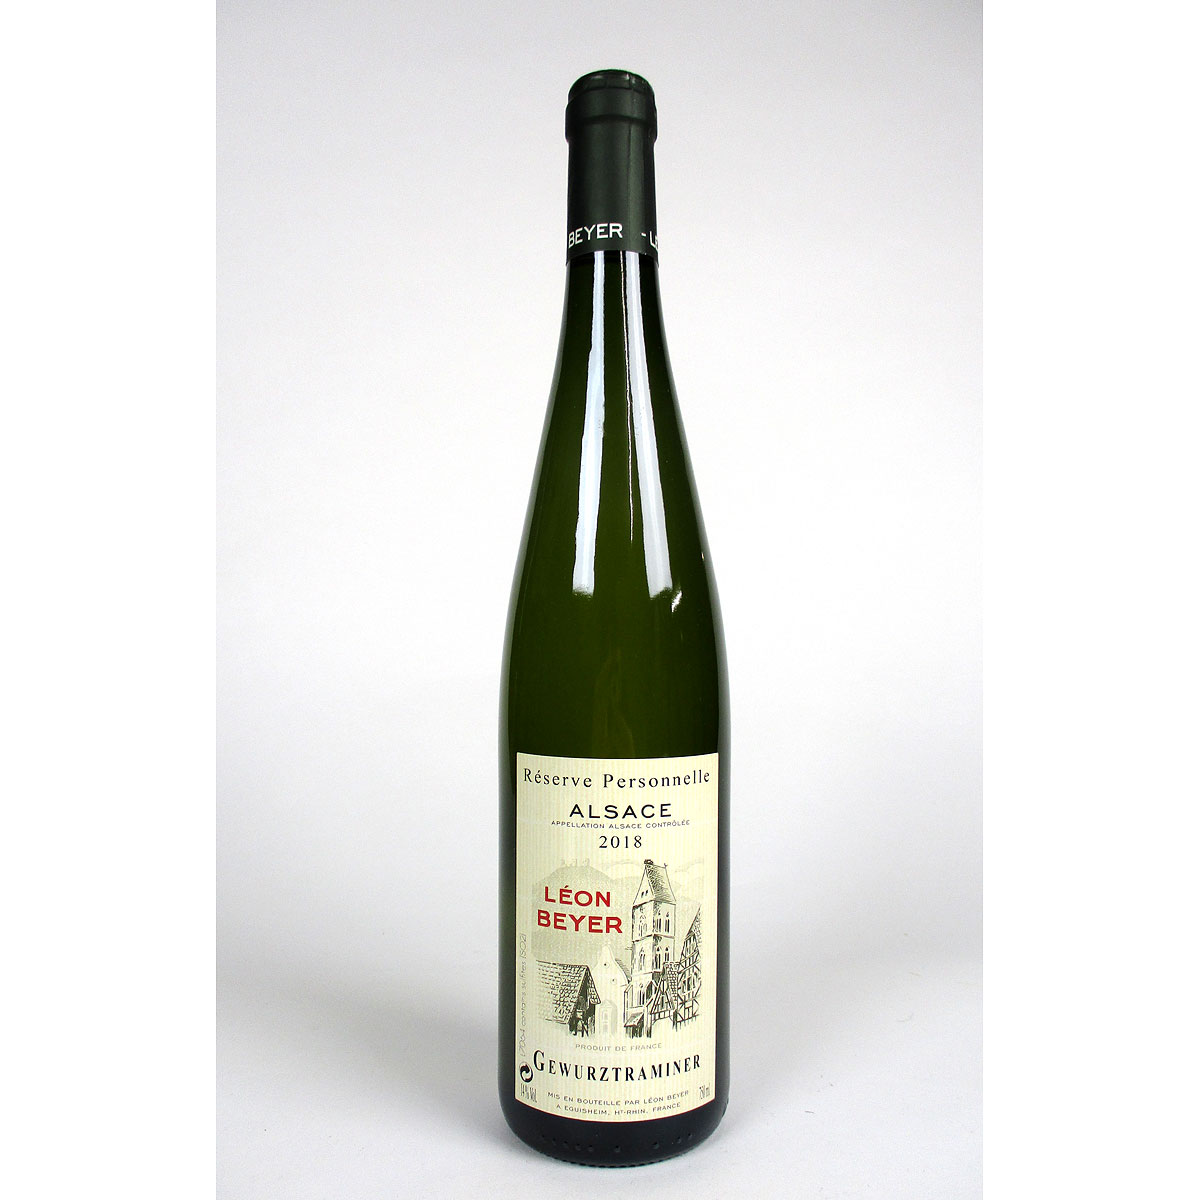 Alsace: Léon Beyer 'Réserve Personnelle' Gewürztraminer 2018 - Bottle